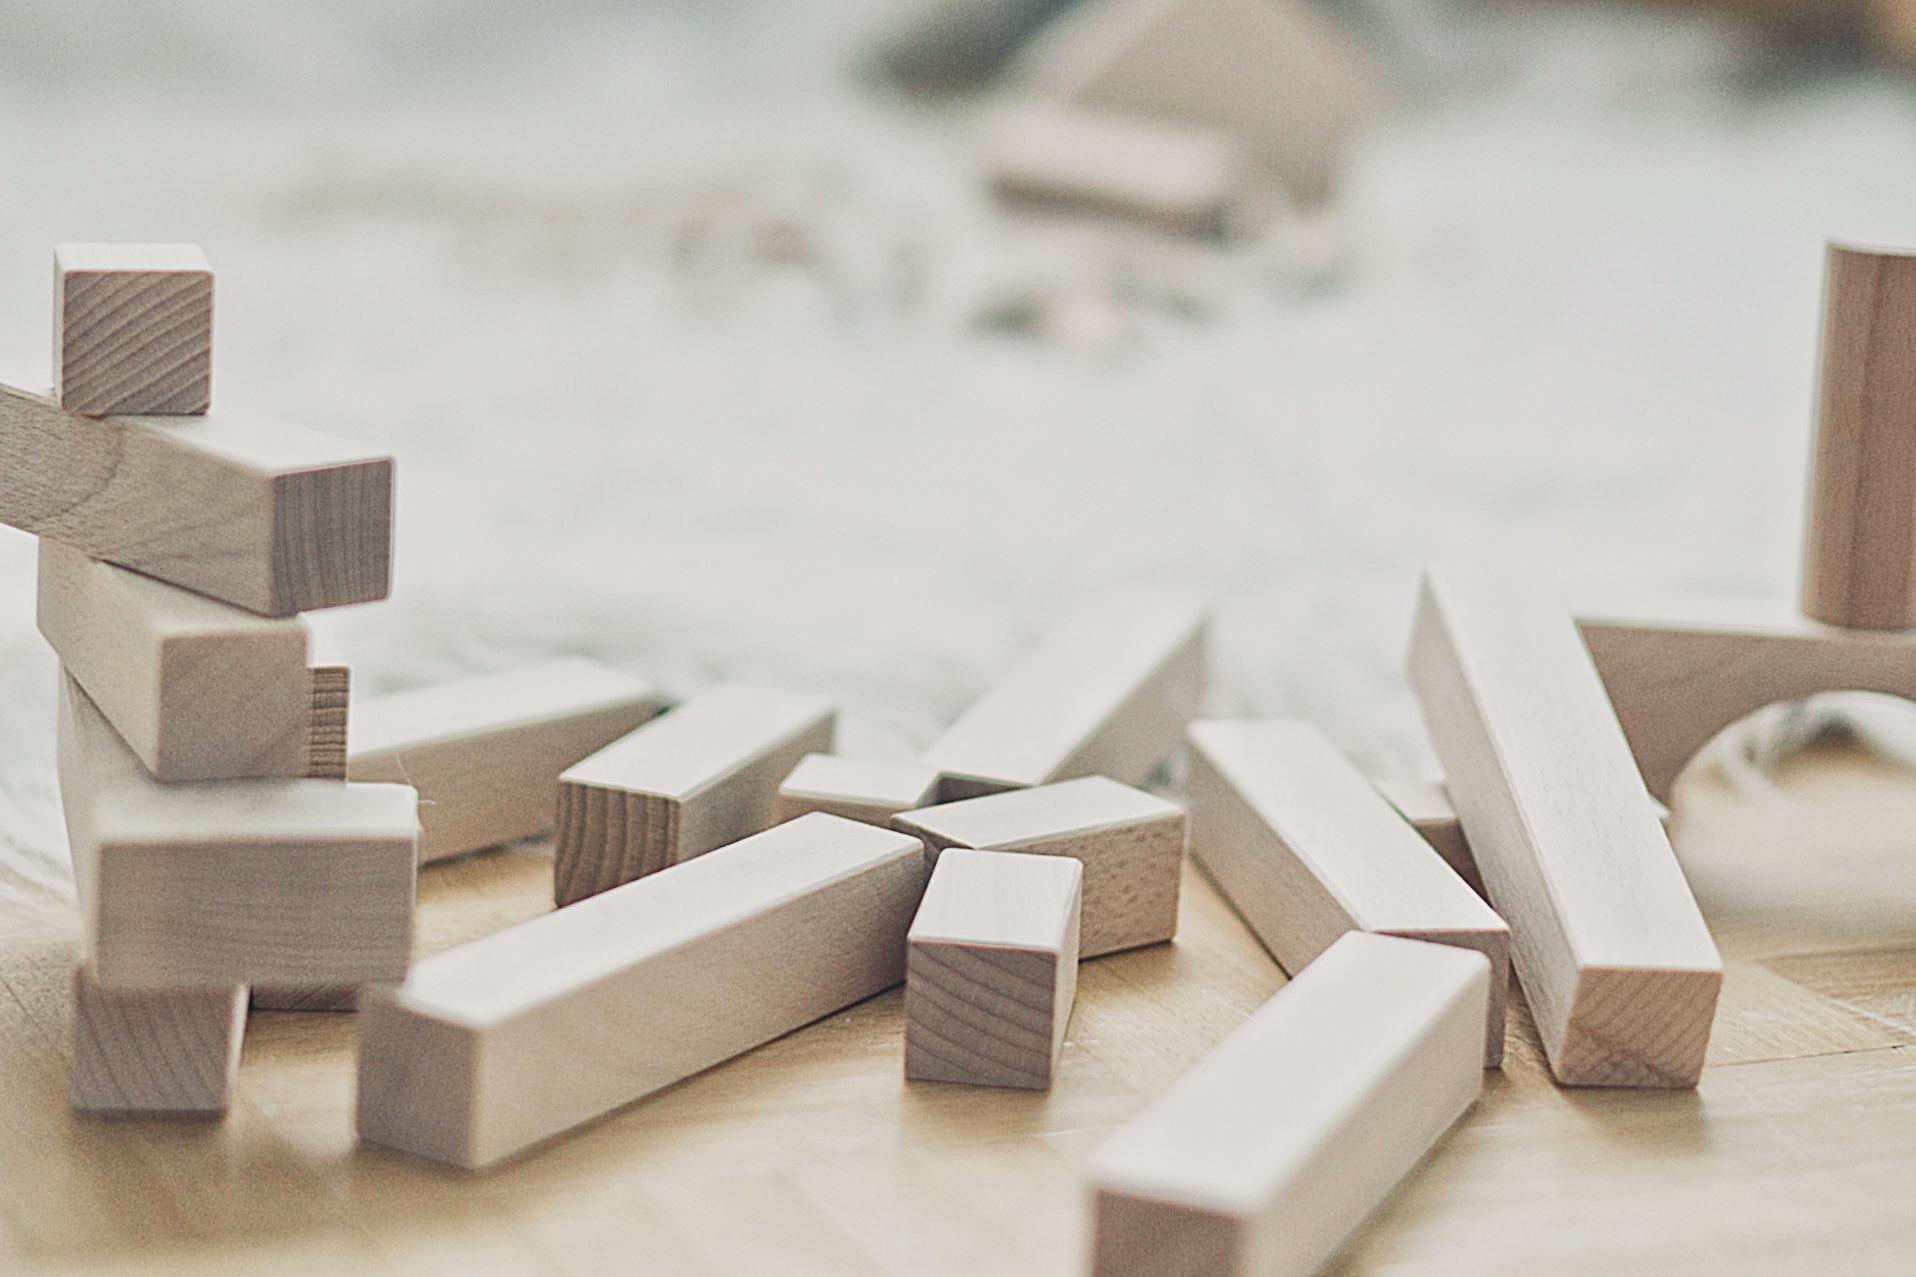 drewniane klocki pilch 29